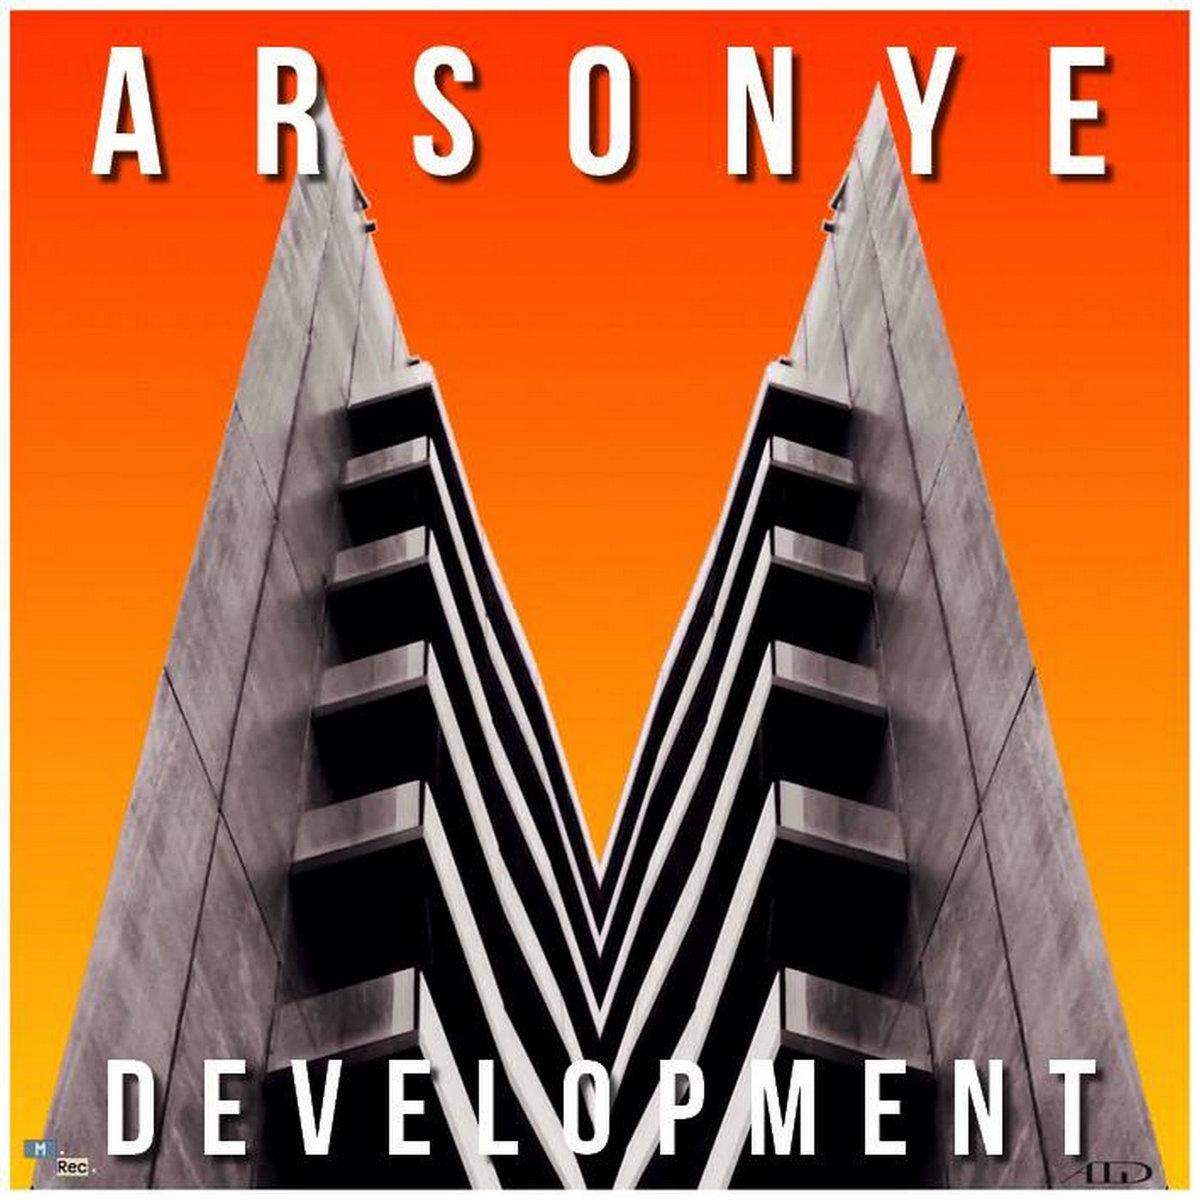 [MREC001]ArsonyeDevelopment -